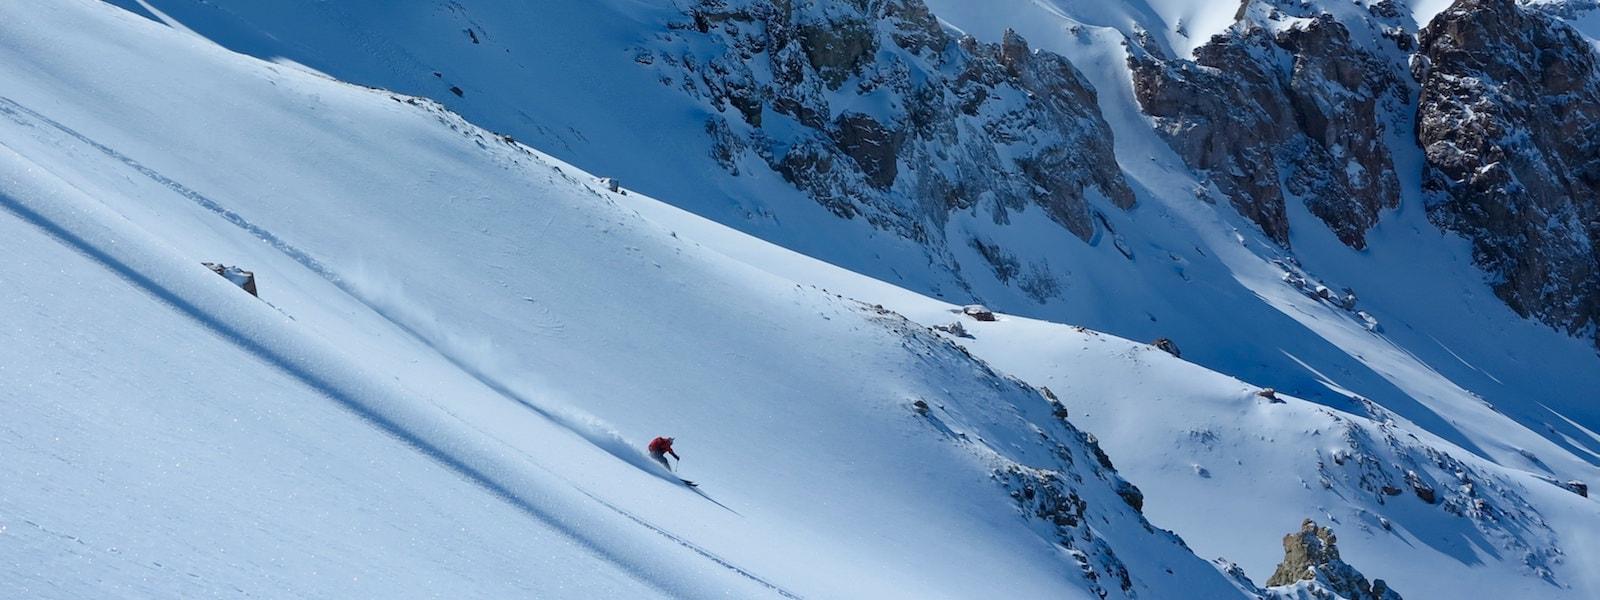 Backcountry Skiing in Las Lenas